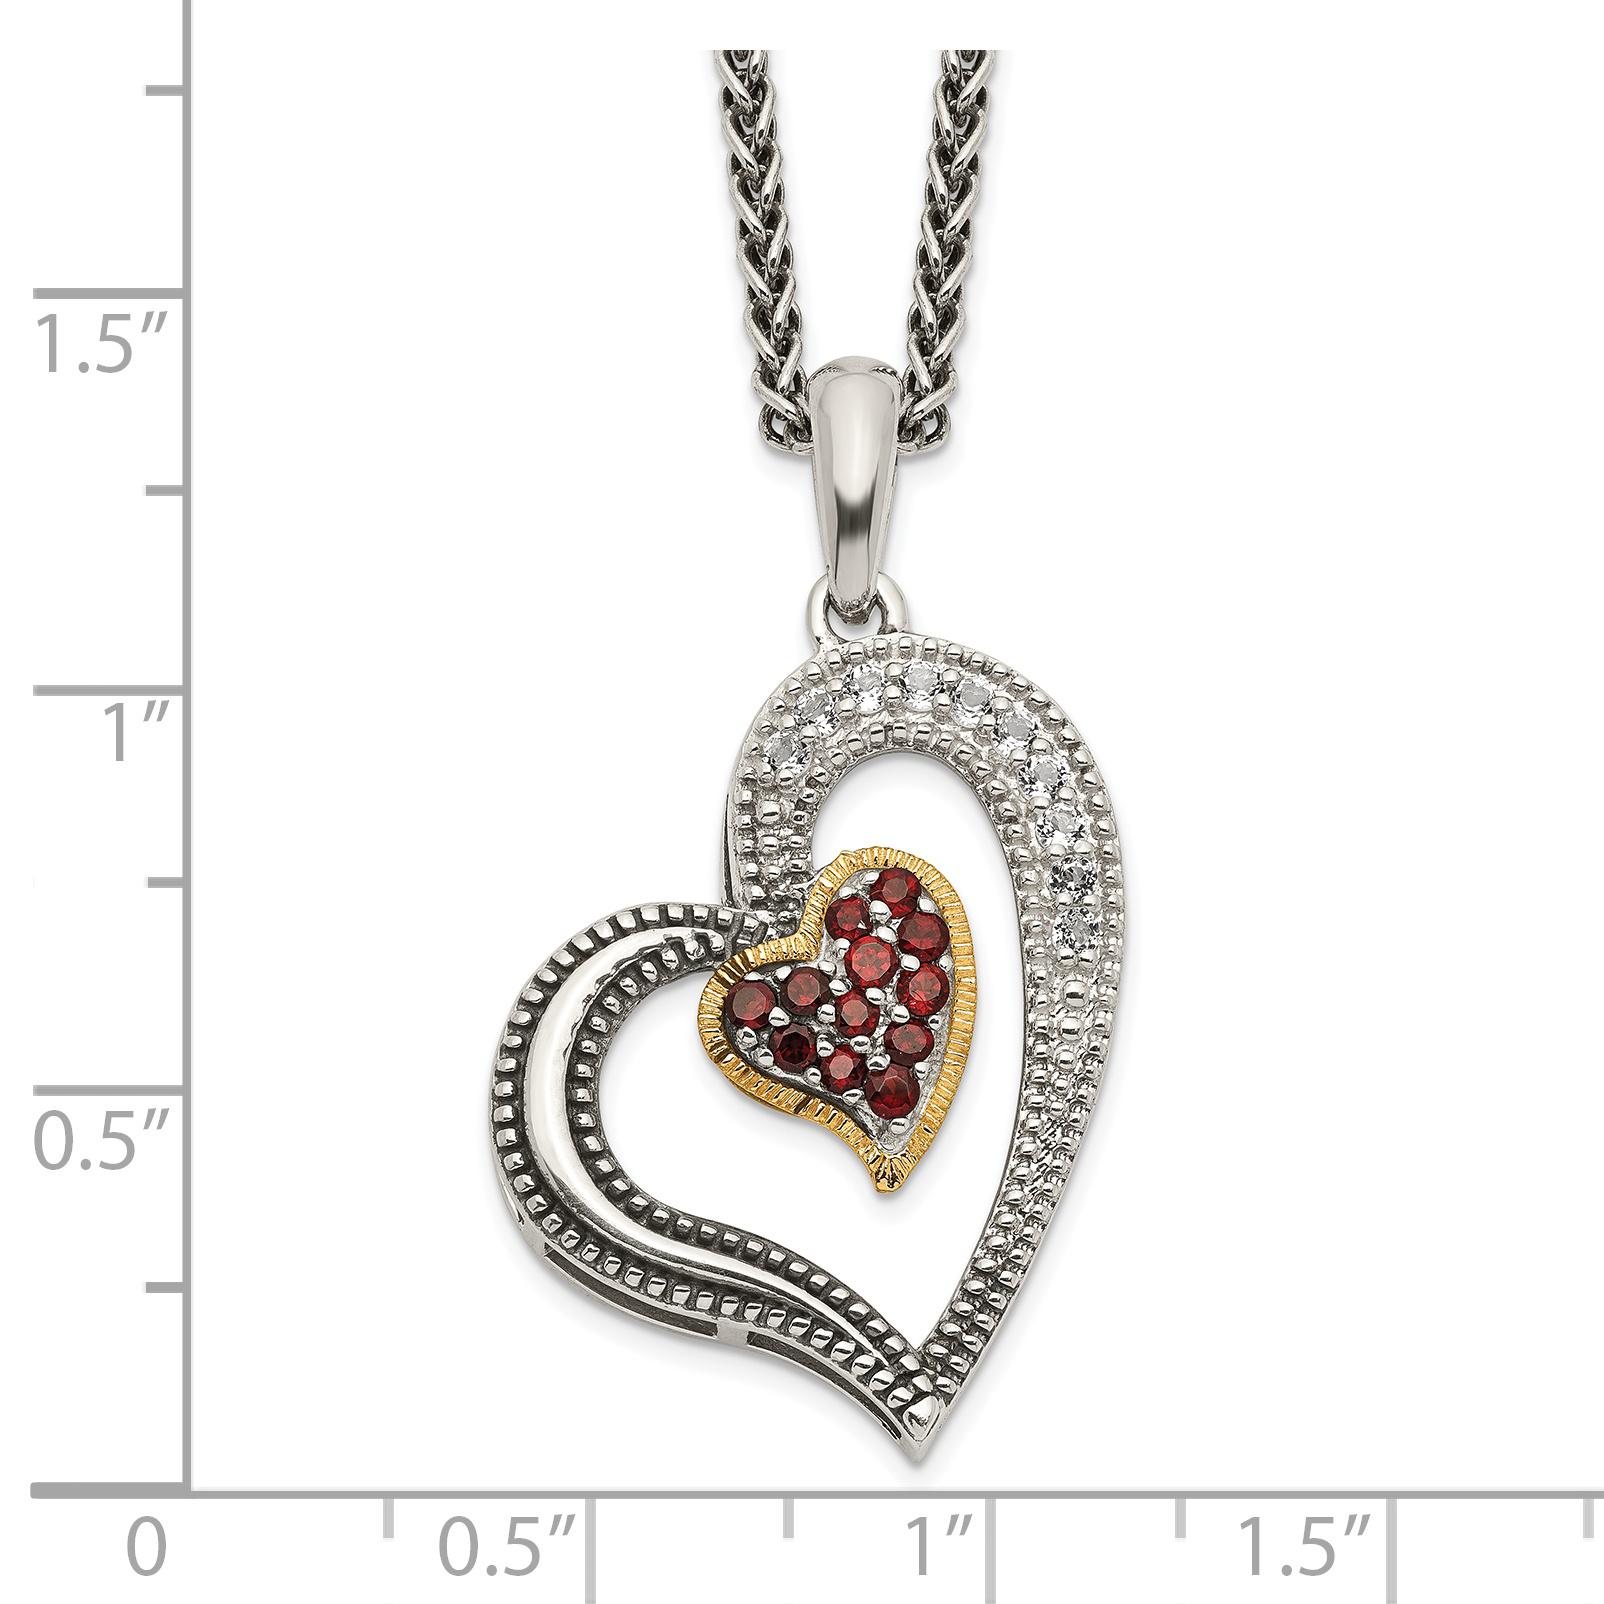 925 Sterling Silver 14k Red Garnet White Topaz Heart Chain